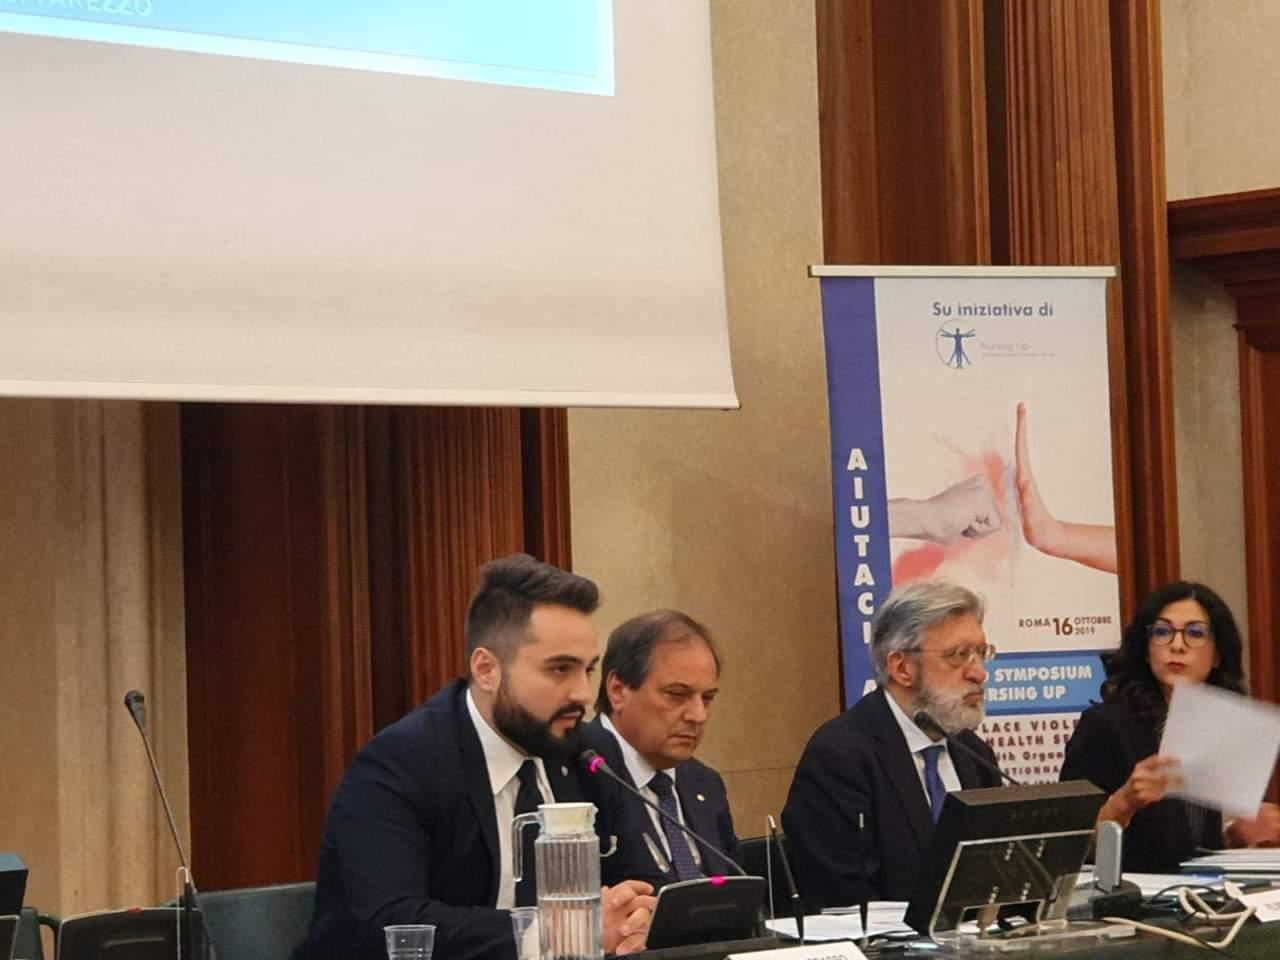 Giovanni Grasso: la Fnopi respinge la violenza contro gli Infermieri.